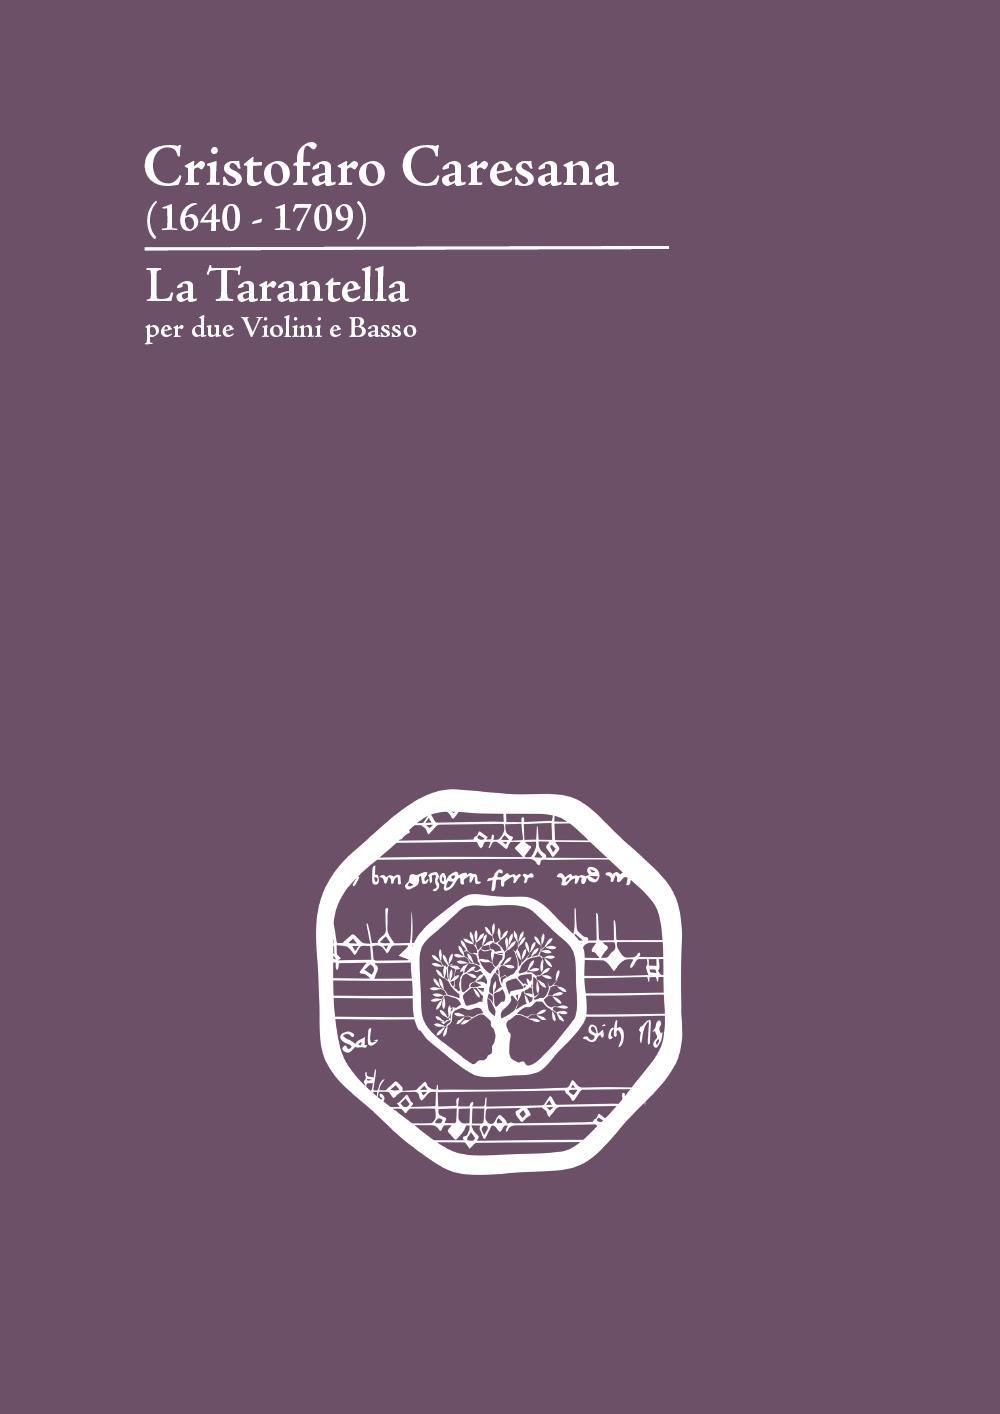 Cristofaro Caresana - La Tarantella